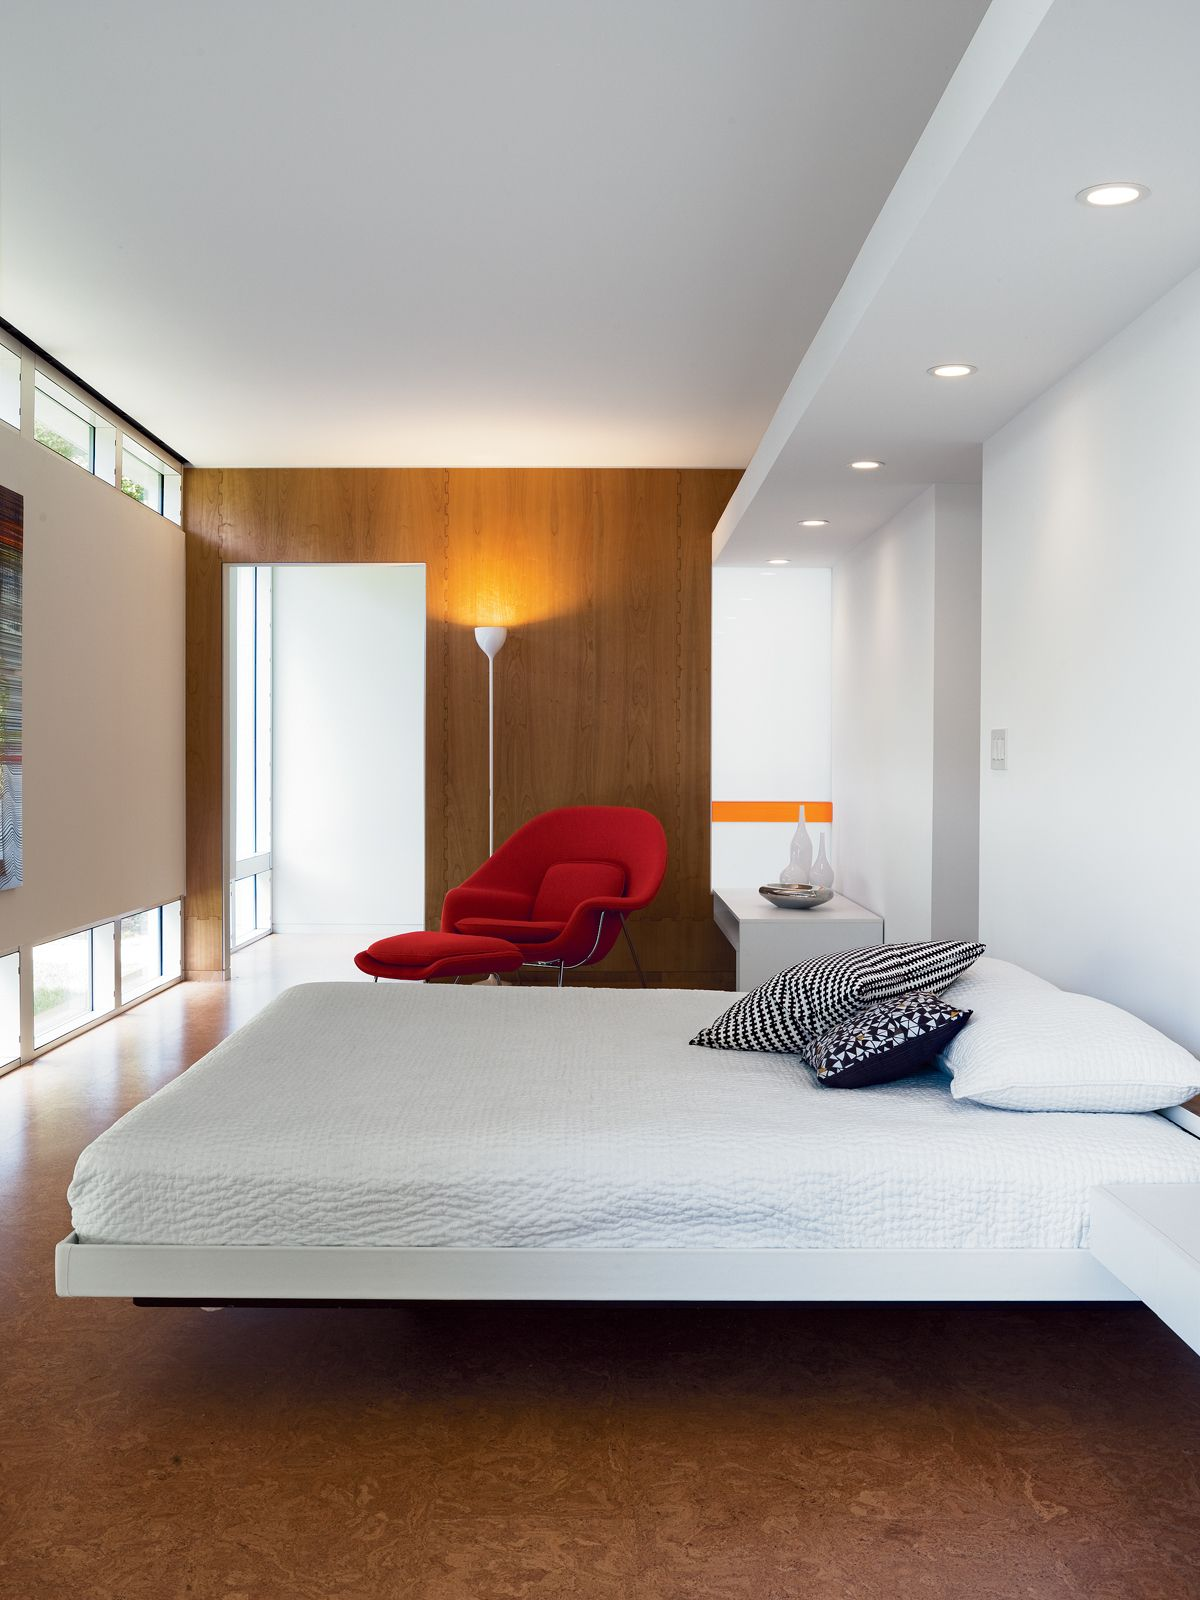 Photo 11 Of 11 In Massie Produced Floor Design Bedroom Flooring